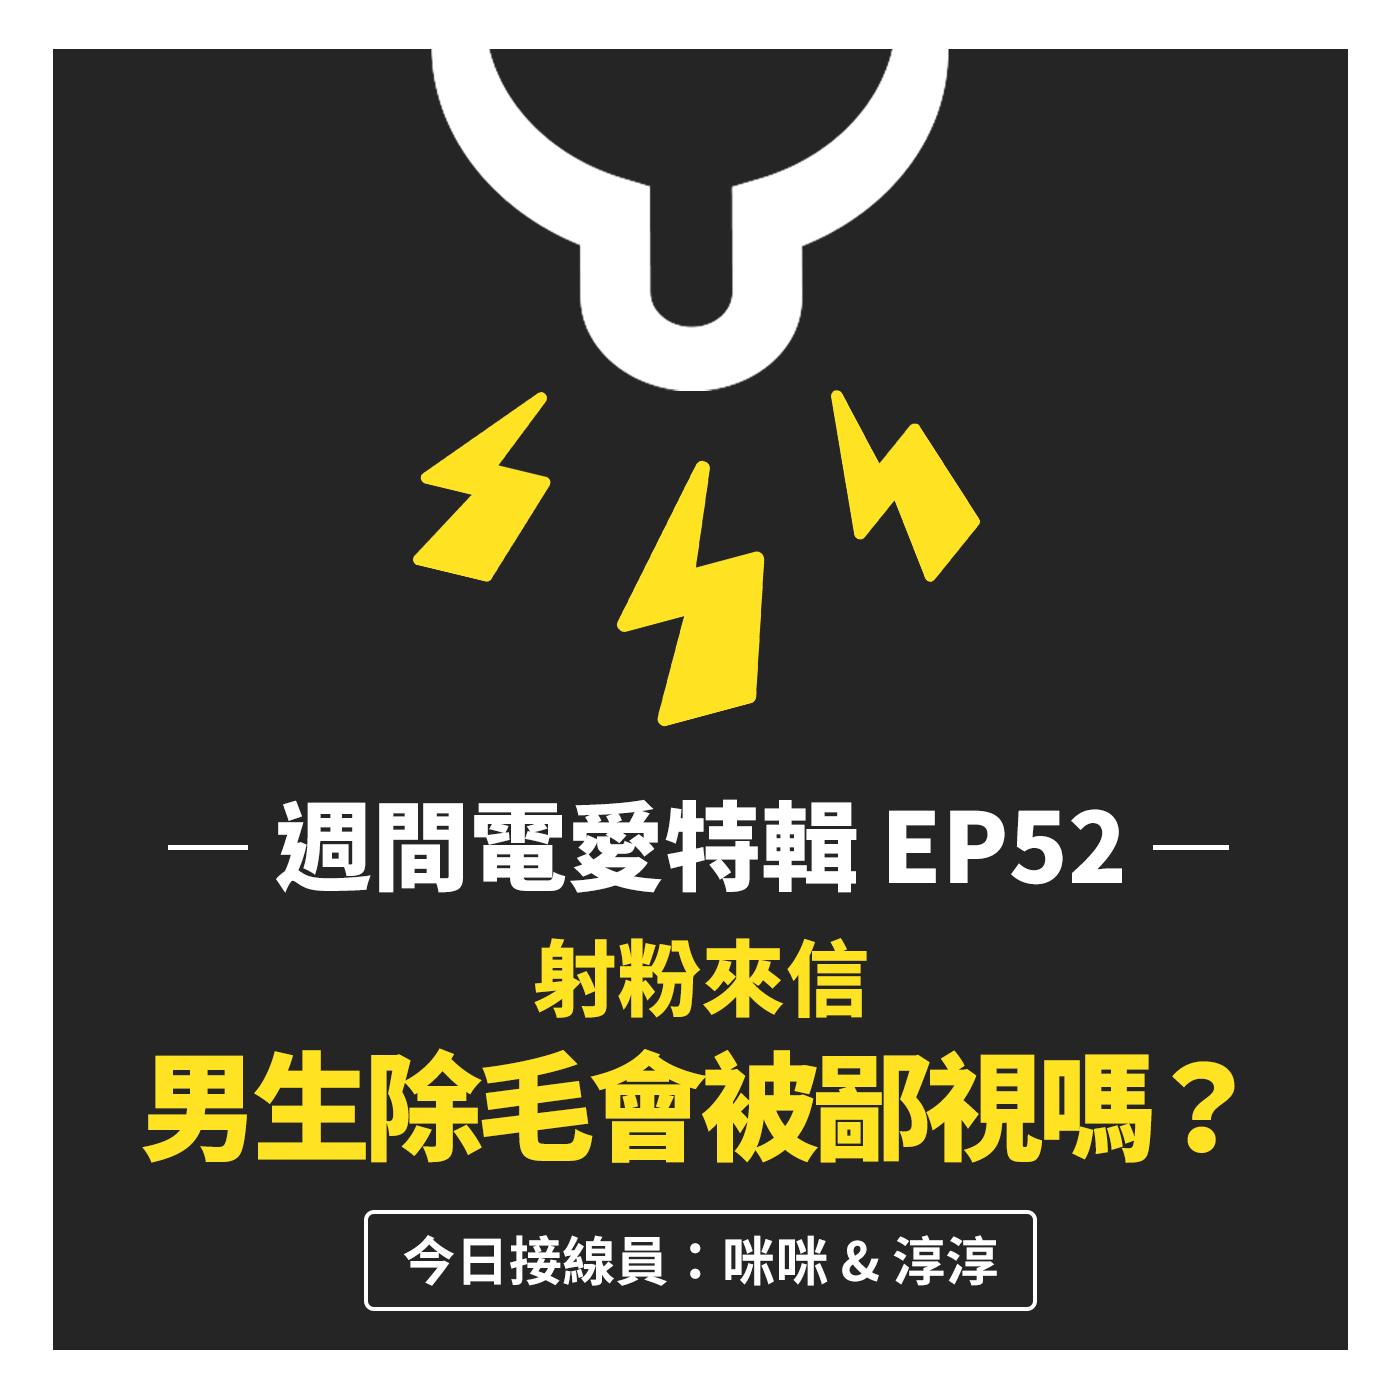 [週間電愛特輯] EP52 射粉來信 - 男生除毛會被鄙視嗎?